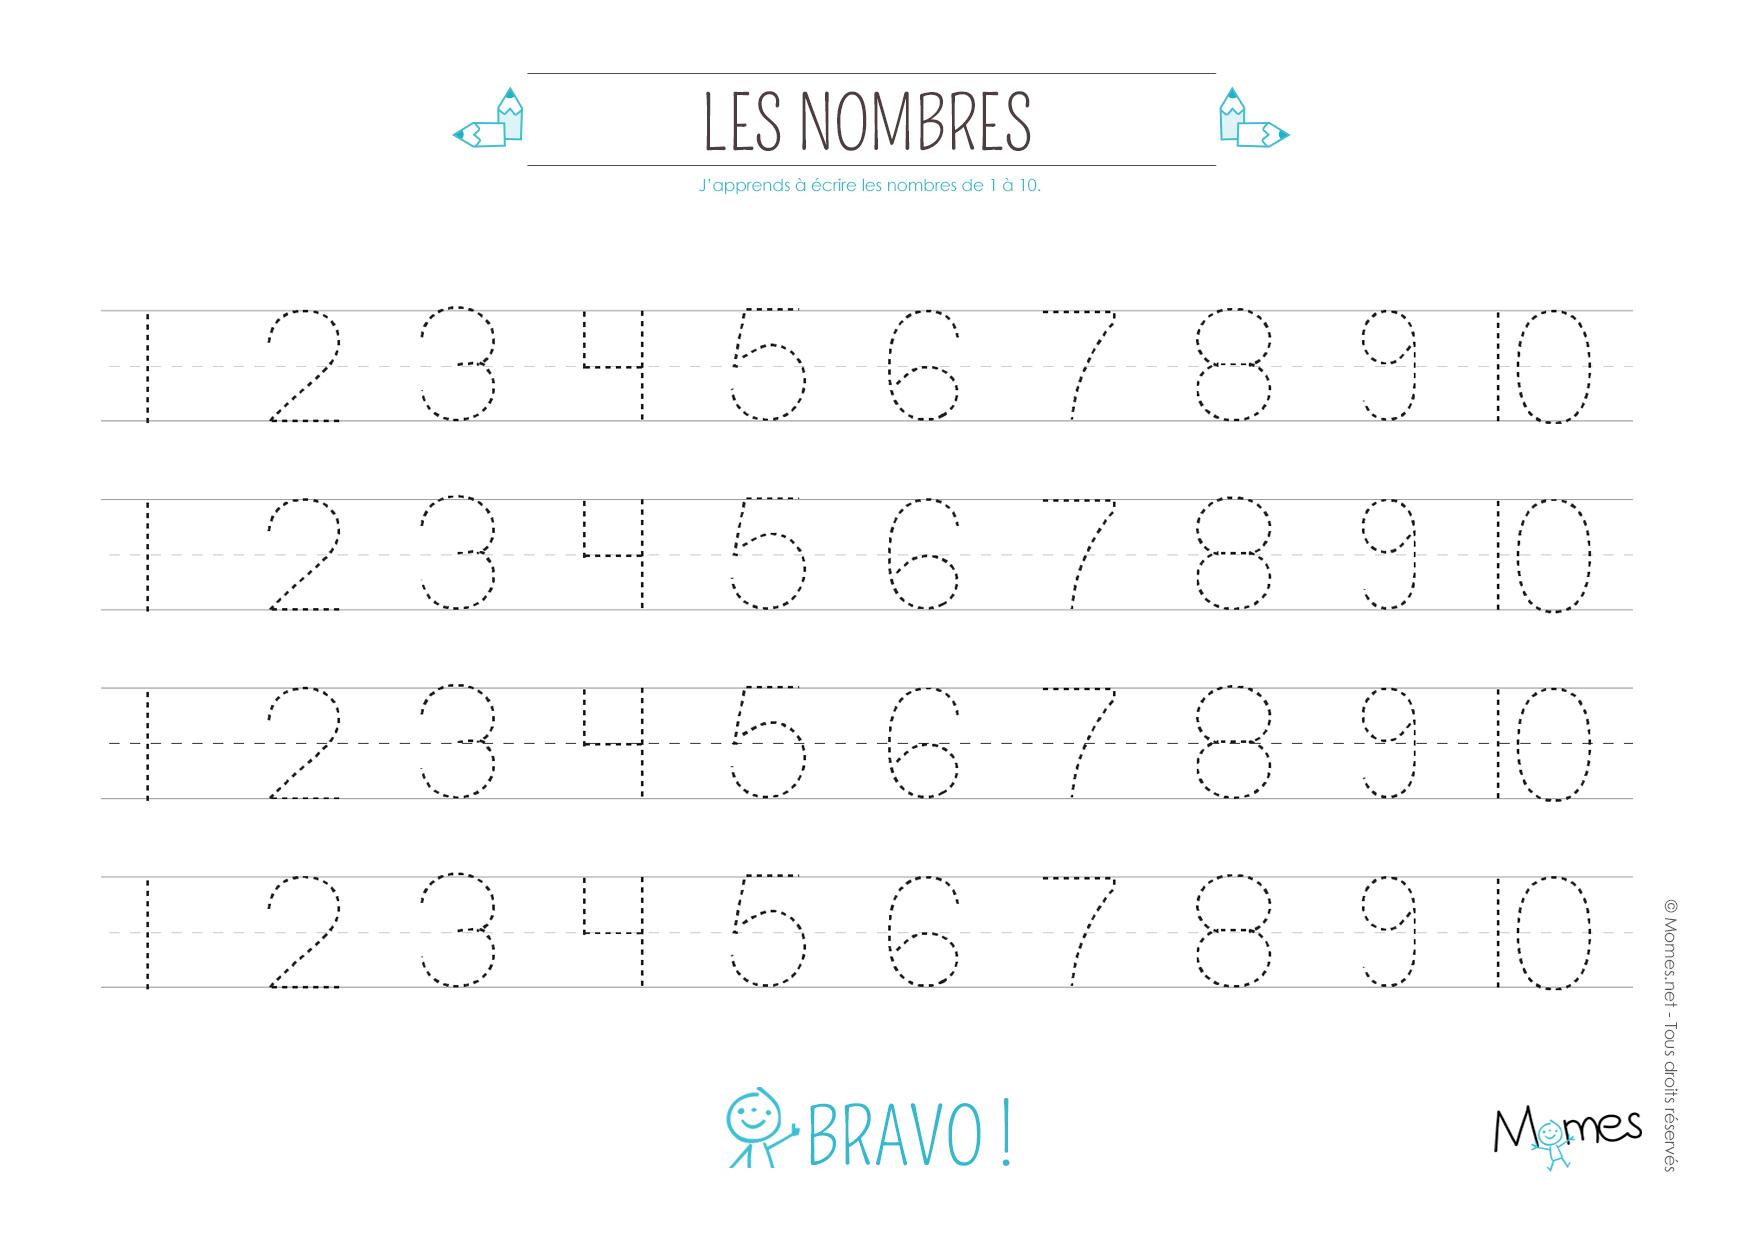 Exceptionnel Apprendre à tracer les nombres - Momes.net AK71